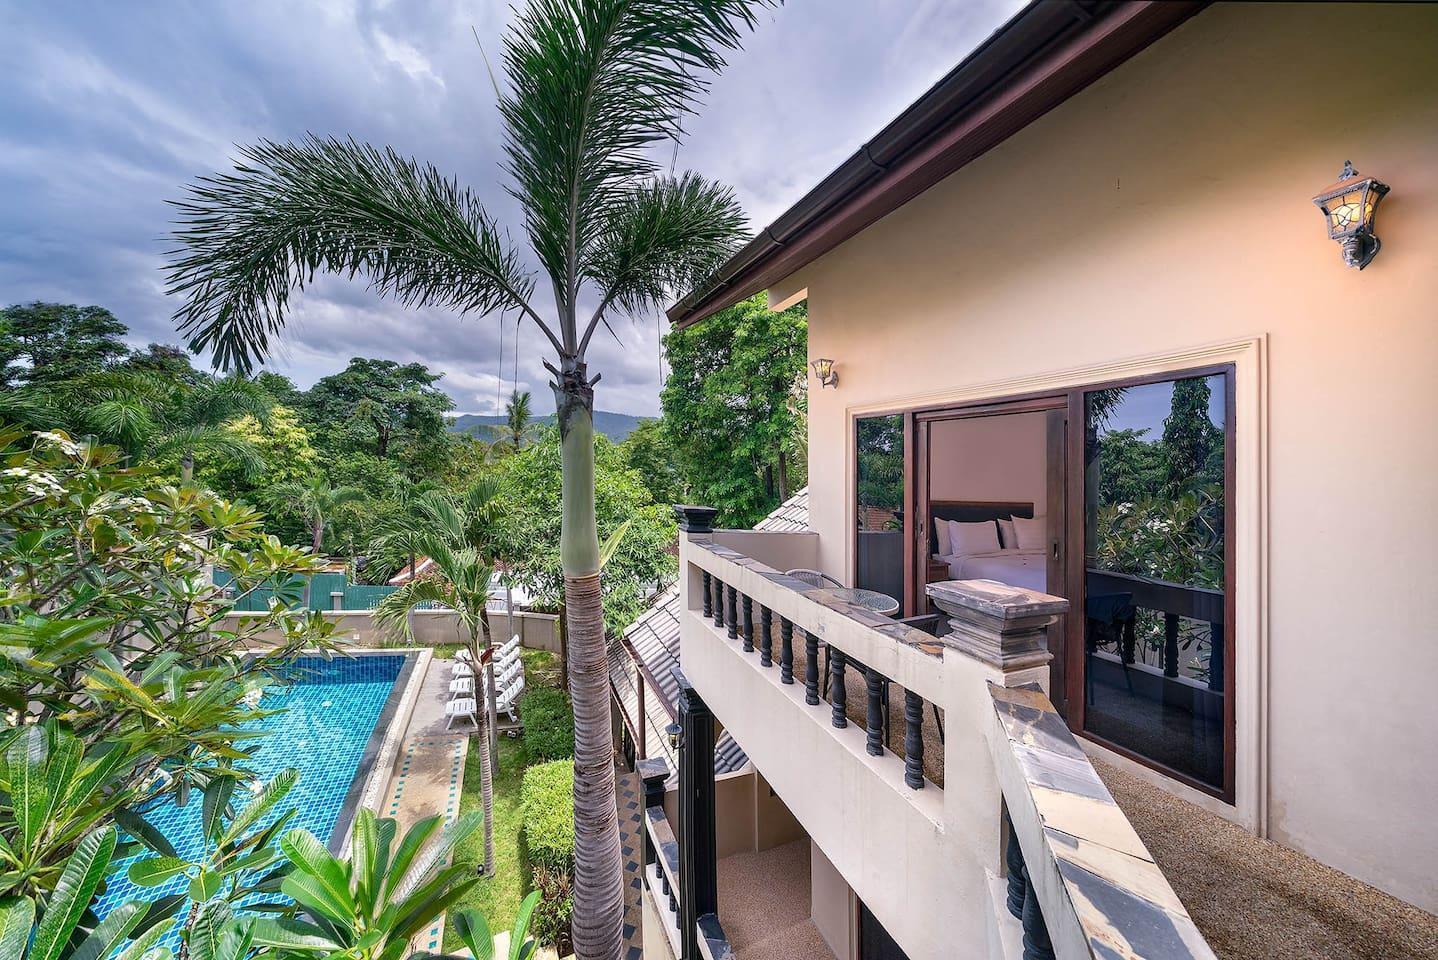 Villa Feng Shui 4 Bedrooms, 5 Bath in Chaweng Town บ้านเดี่ยว 4 ห้องนอน 5 ห้องน้ำส่วนตัว ขนาด 200 ตร.ม. – หาดเฉวง